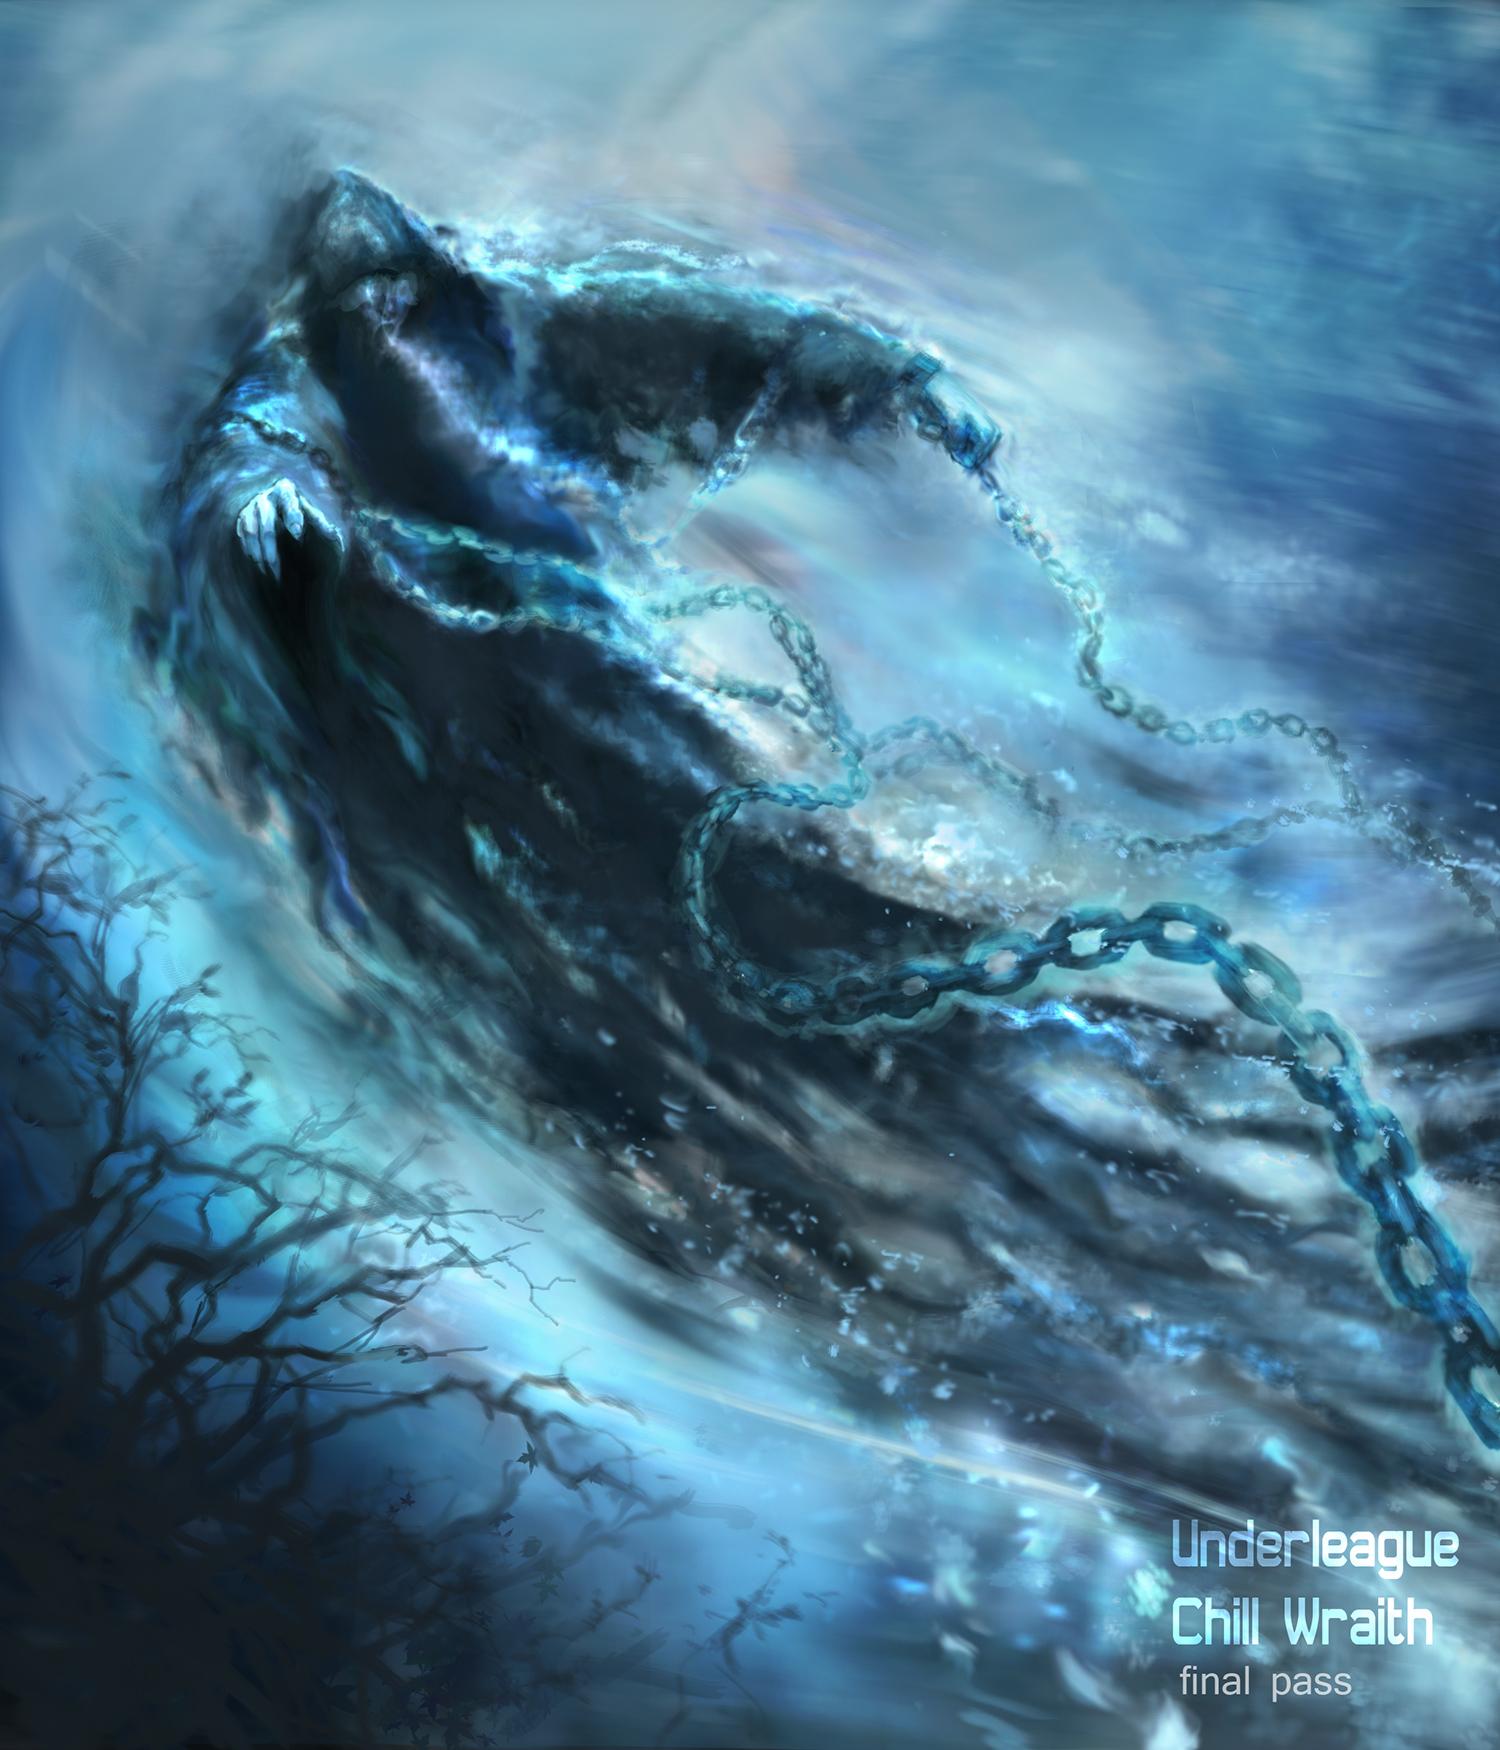 UL-Chill-Wraith-d17.jpg